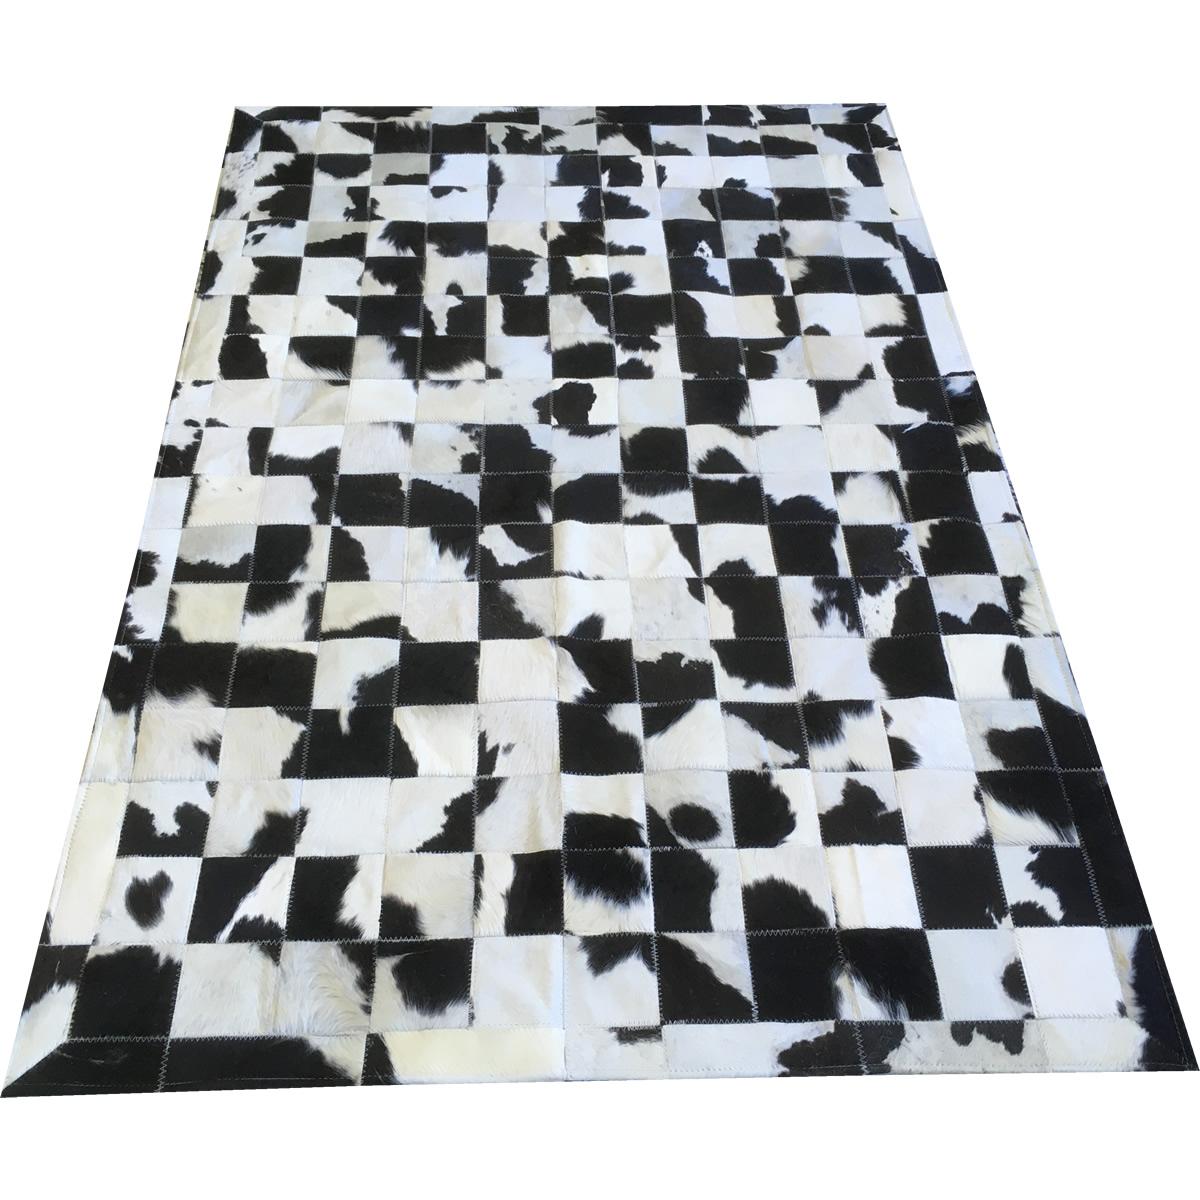 Tapete de couro preto branco malhado 1,20x1,80 c/b peça 10